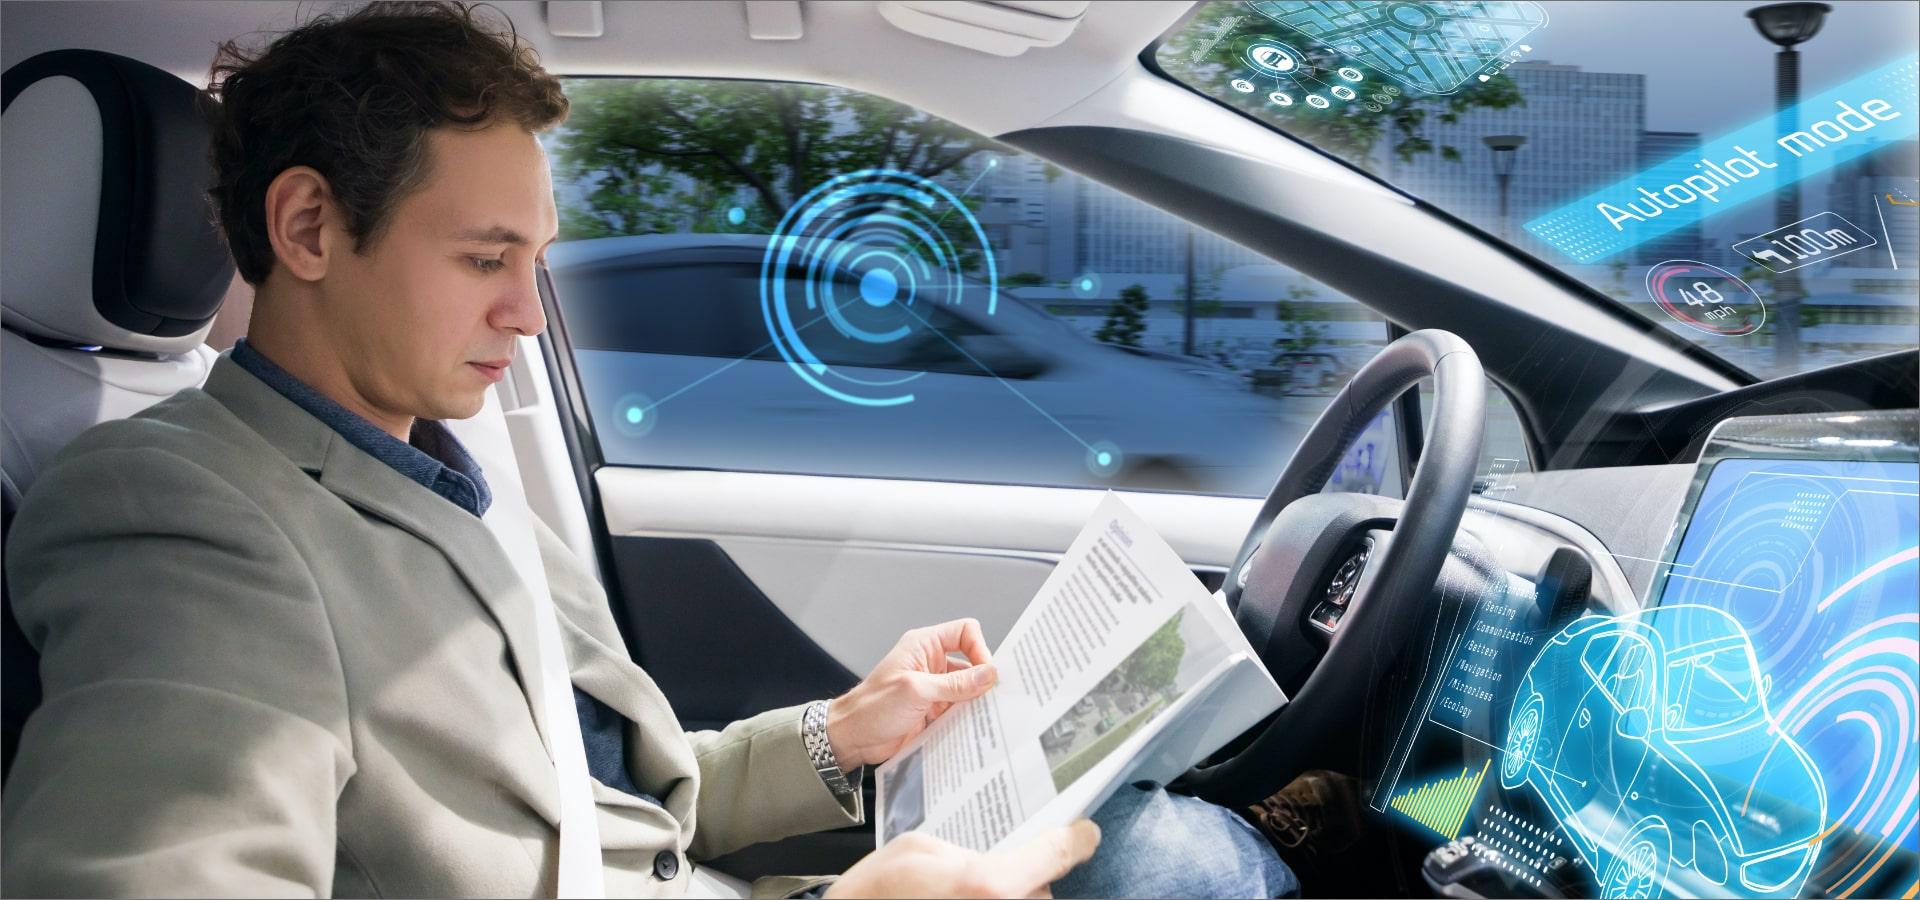 Autonomous vehicles min